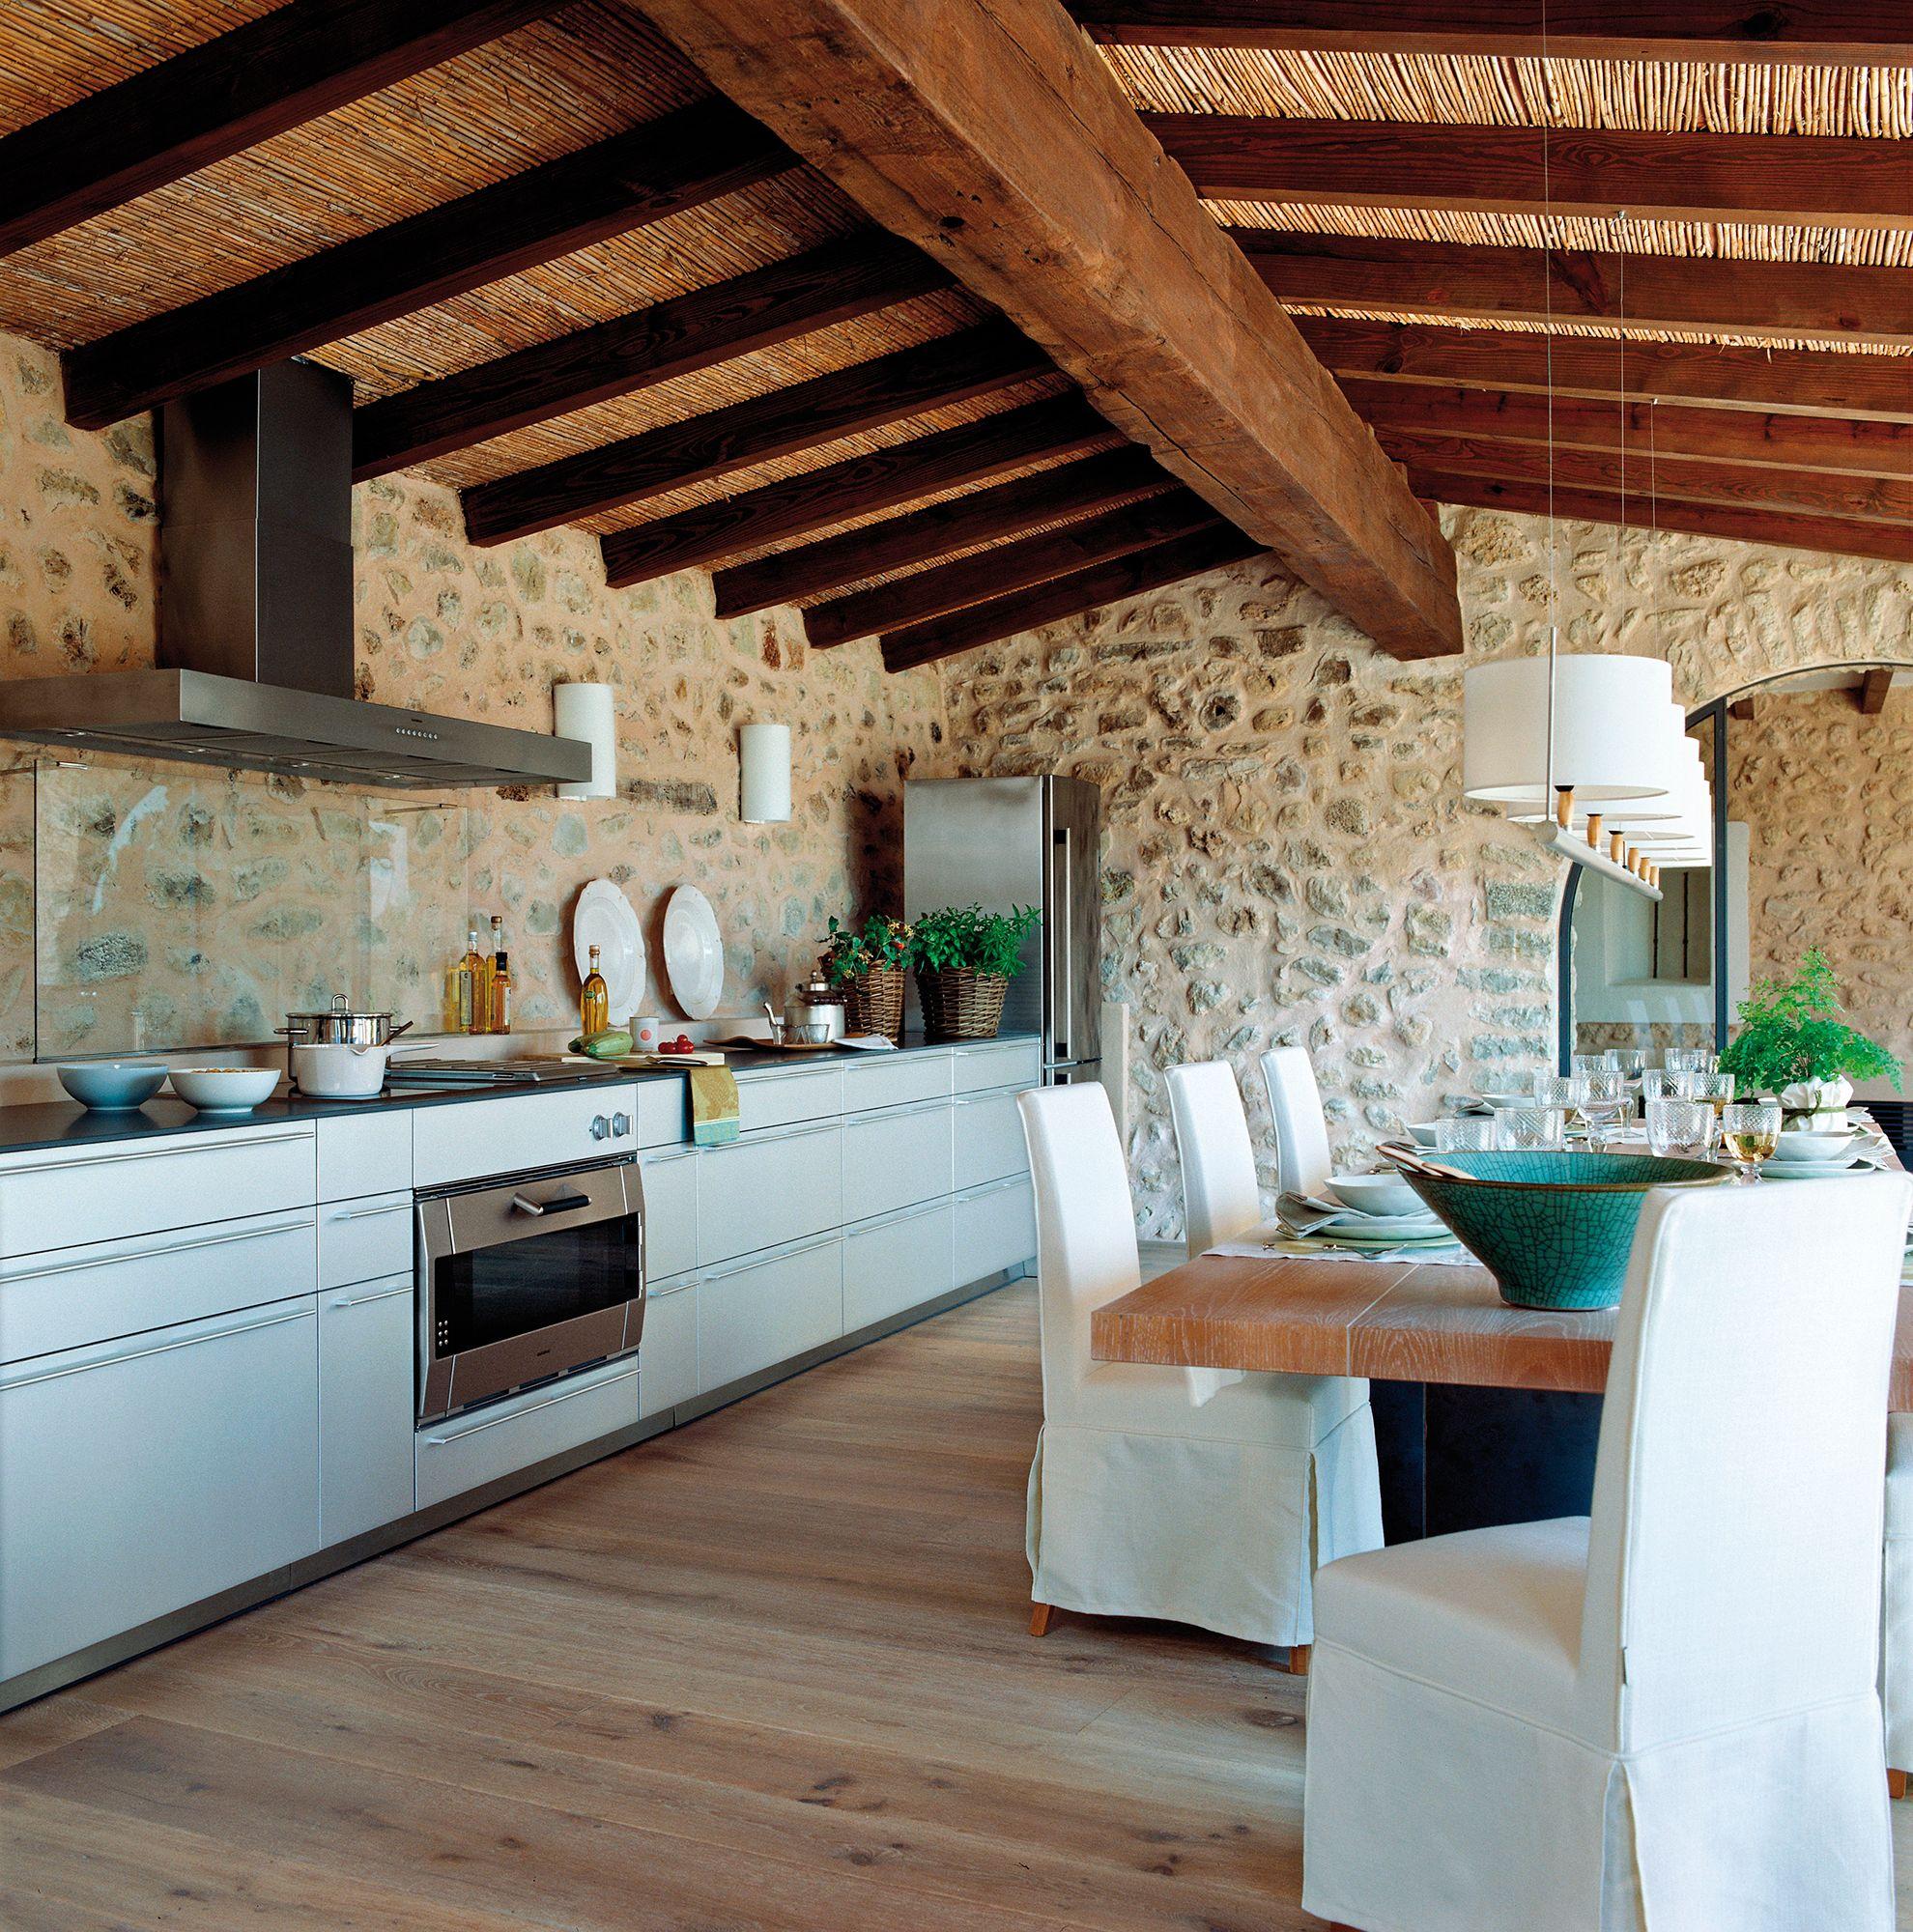 Cocina actual con gran mesa adosada de madera_ 00395645 | Grandes ...